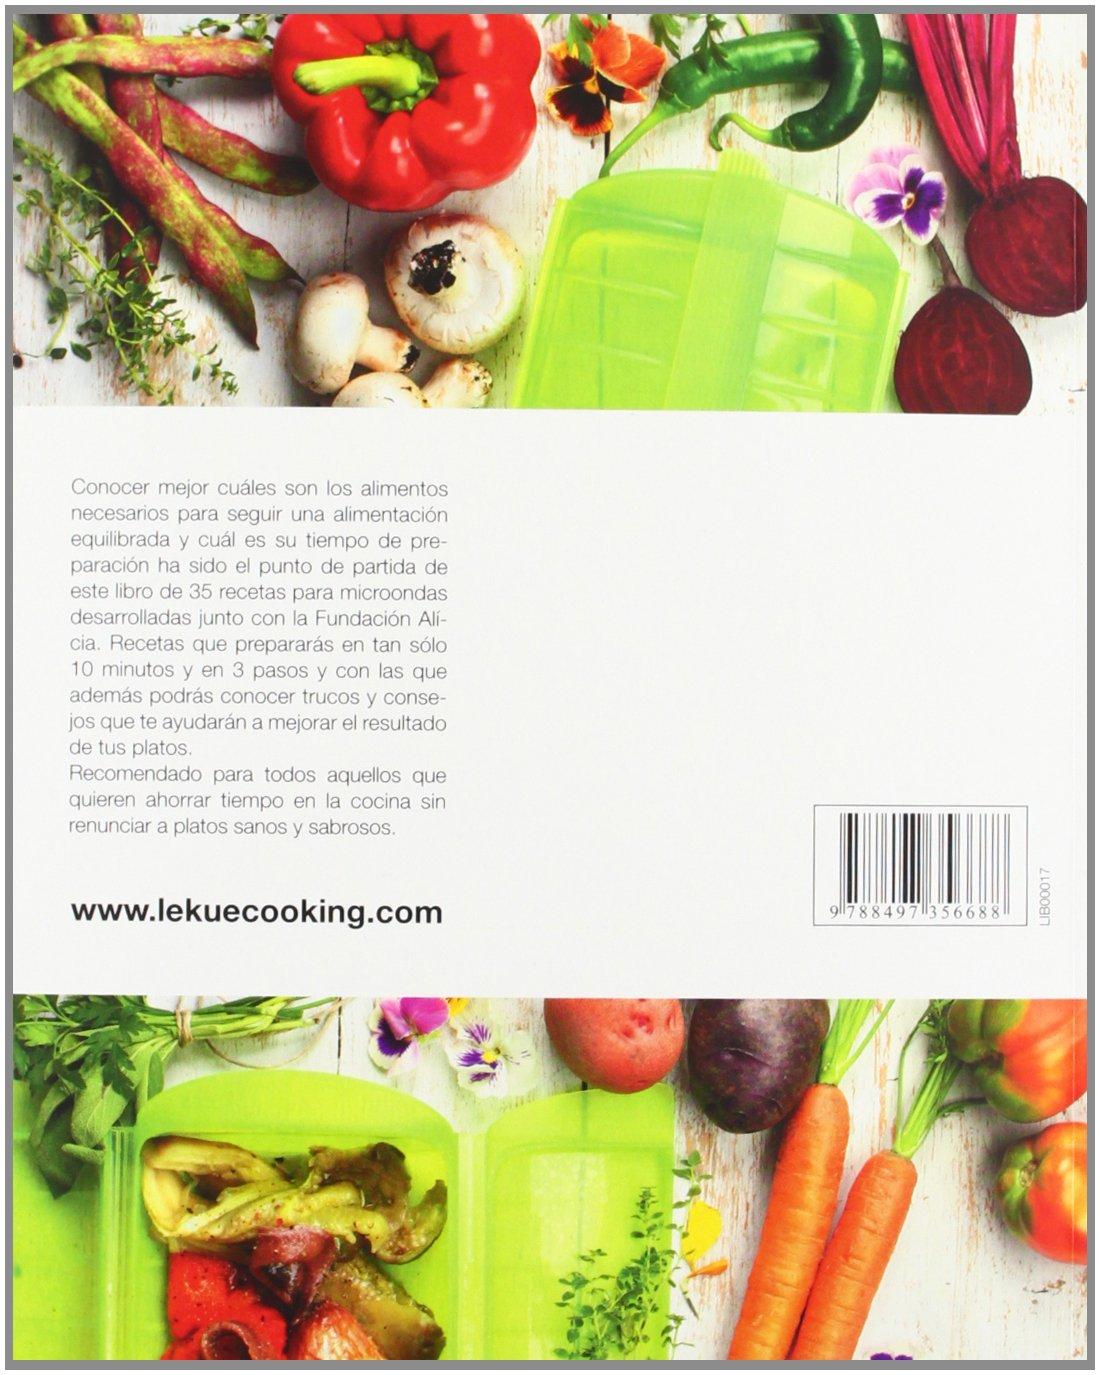 De la cocina a la mesa en 10 minutos (Spanish Edition ...